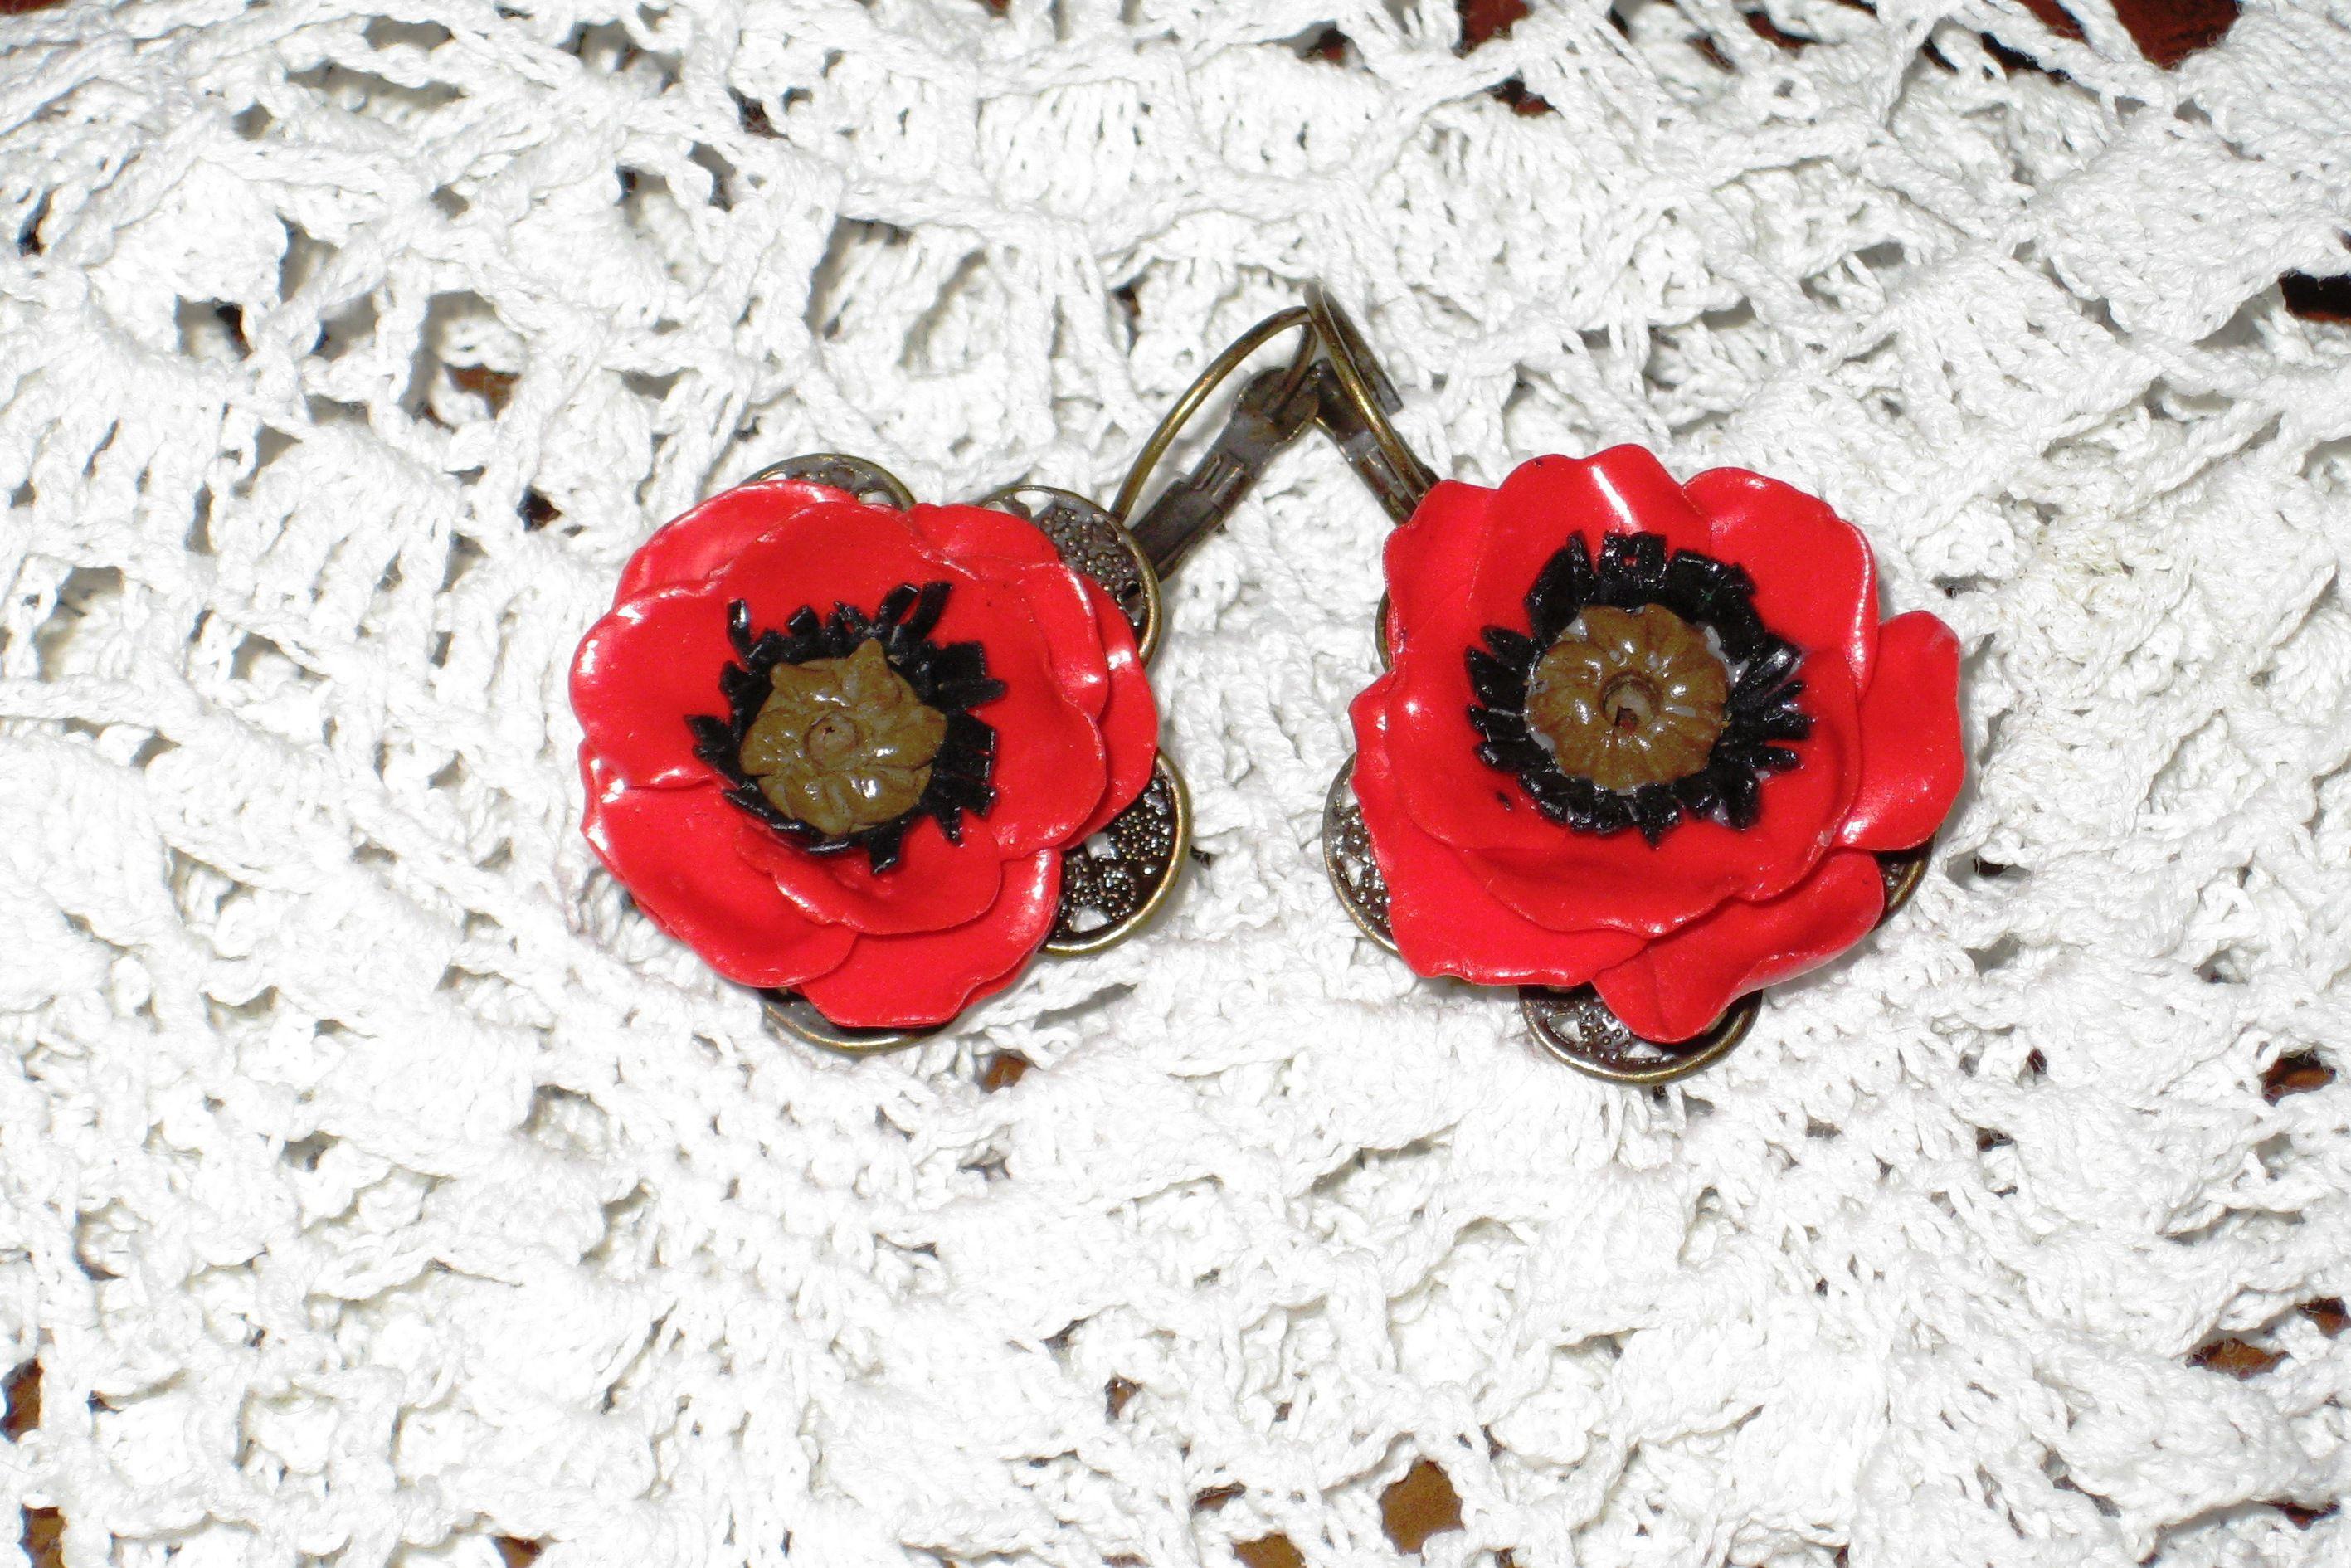 уникальныйподарок серьги handmade бижутерия хендмейд творчество полимернаяглина цветы подарок